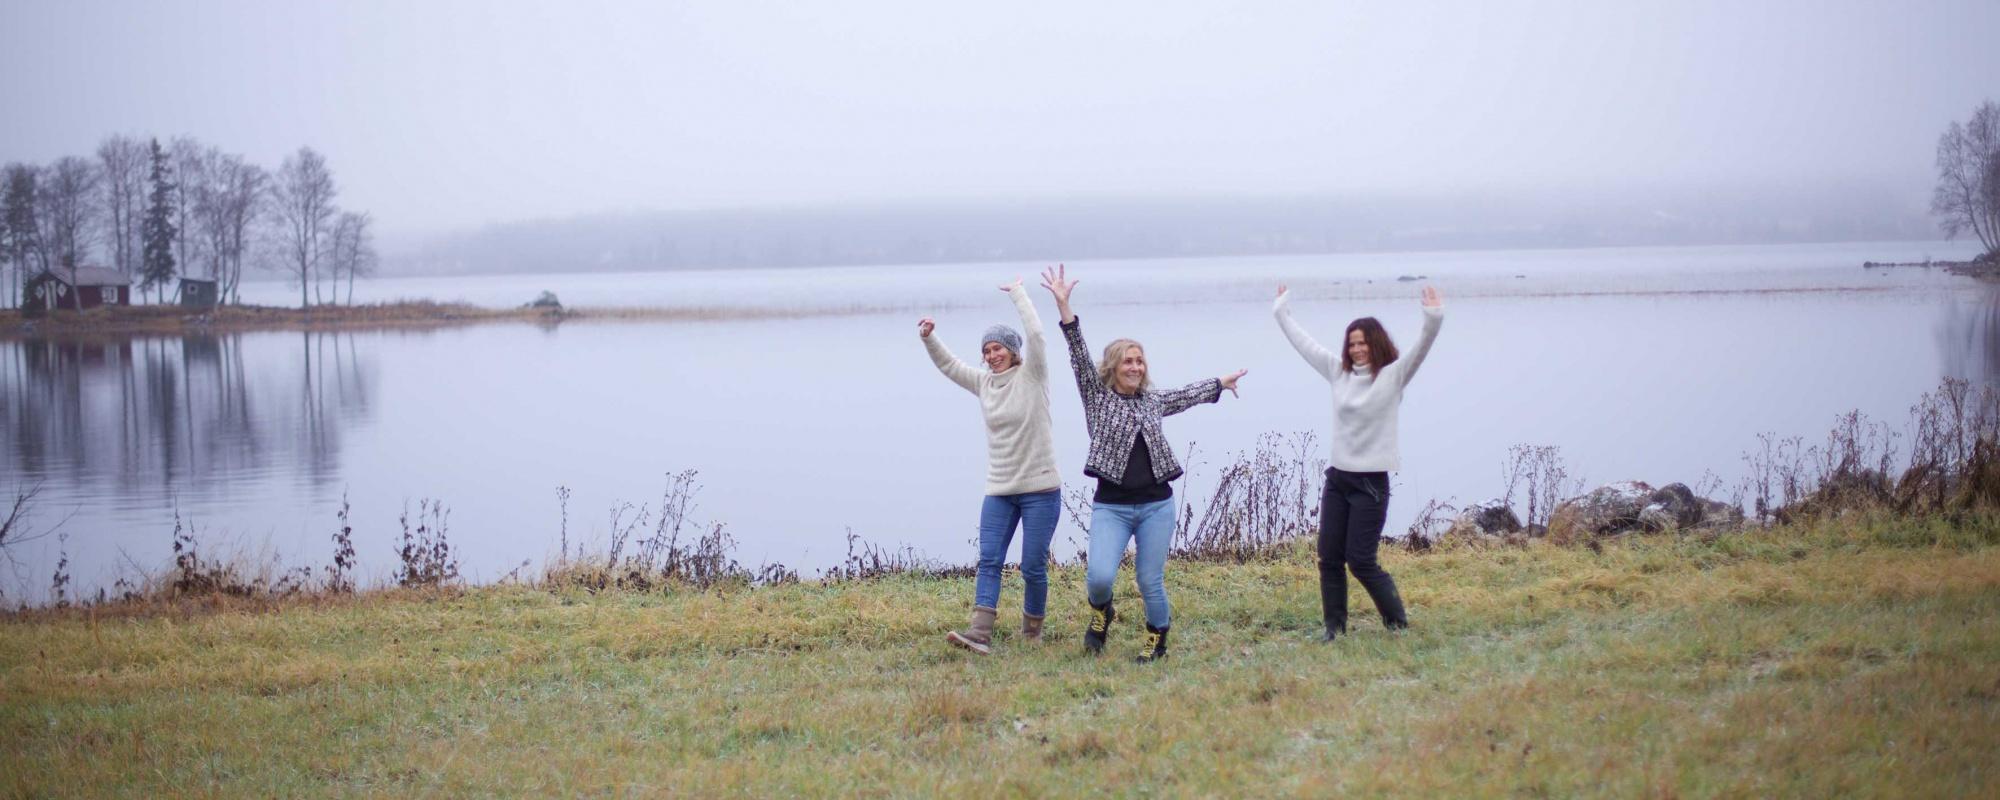 Glädje vid sjön